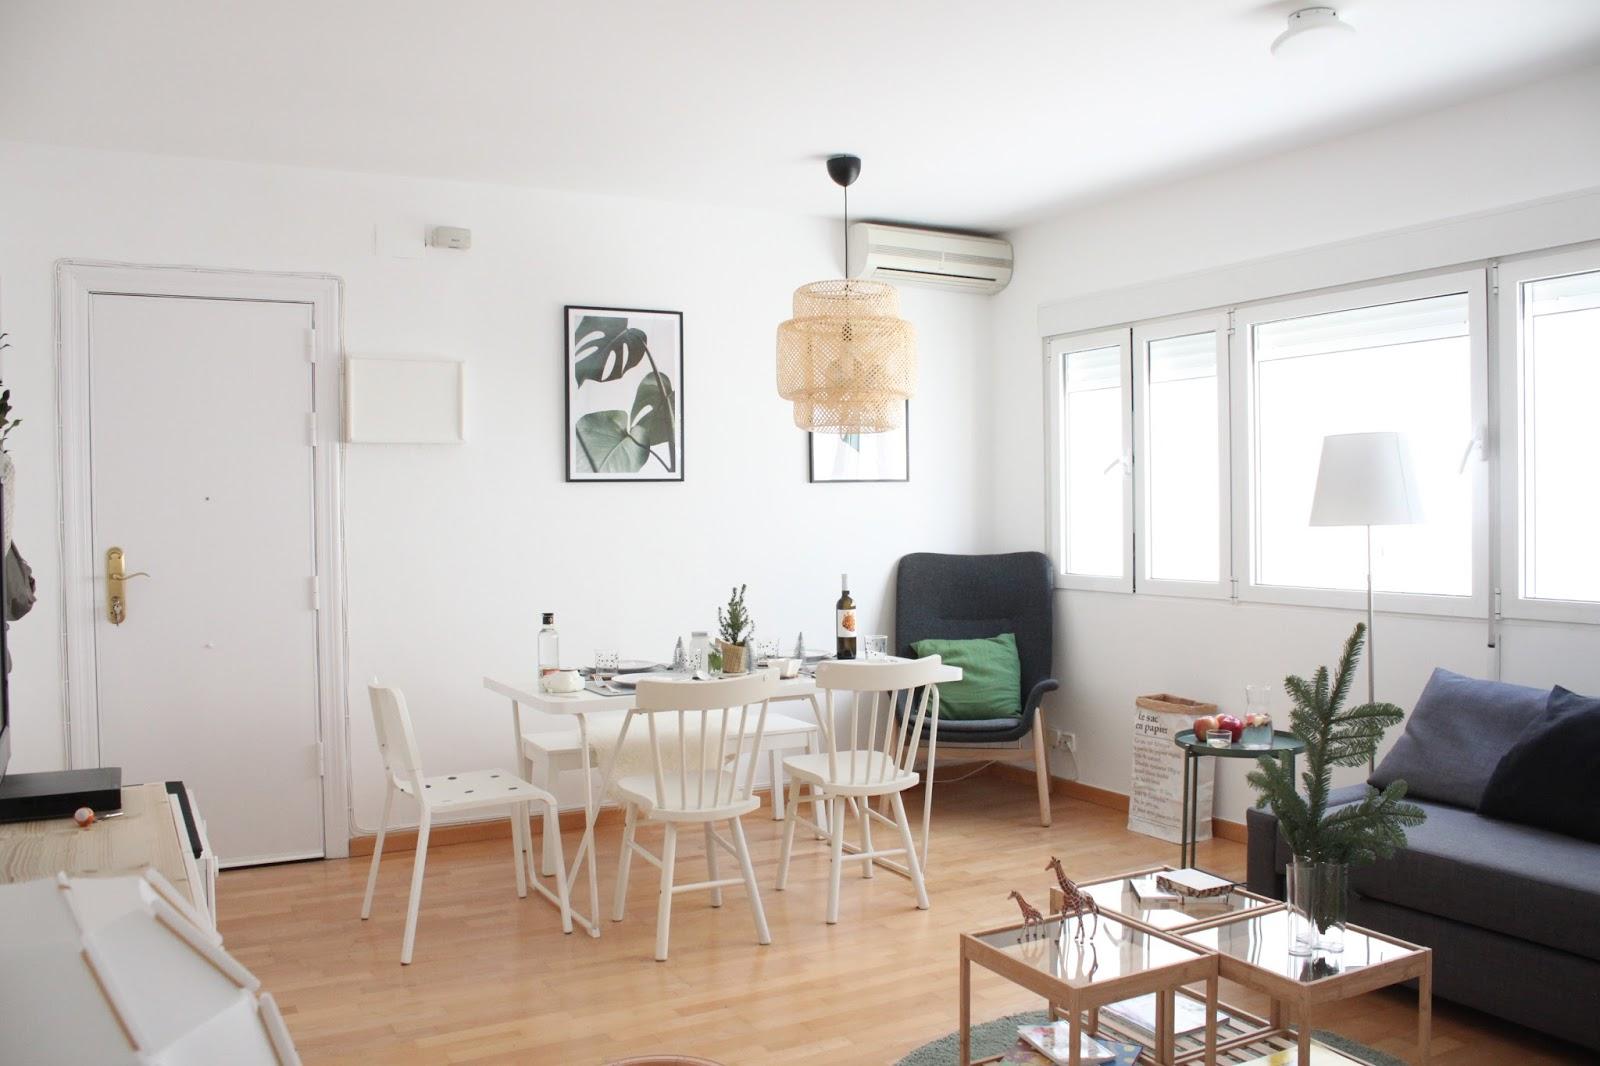 Ikea mesas salon centro fabulous com anuncios de tablero for Mesas de centro salon ikea